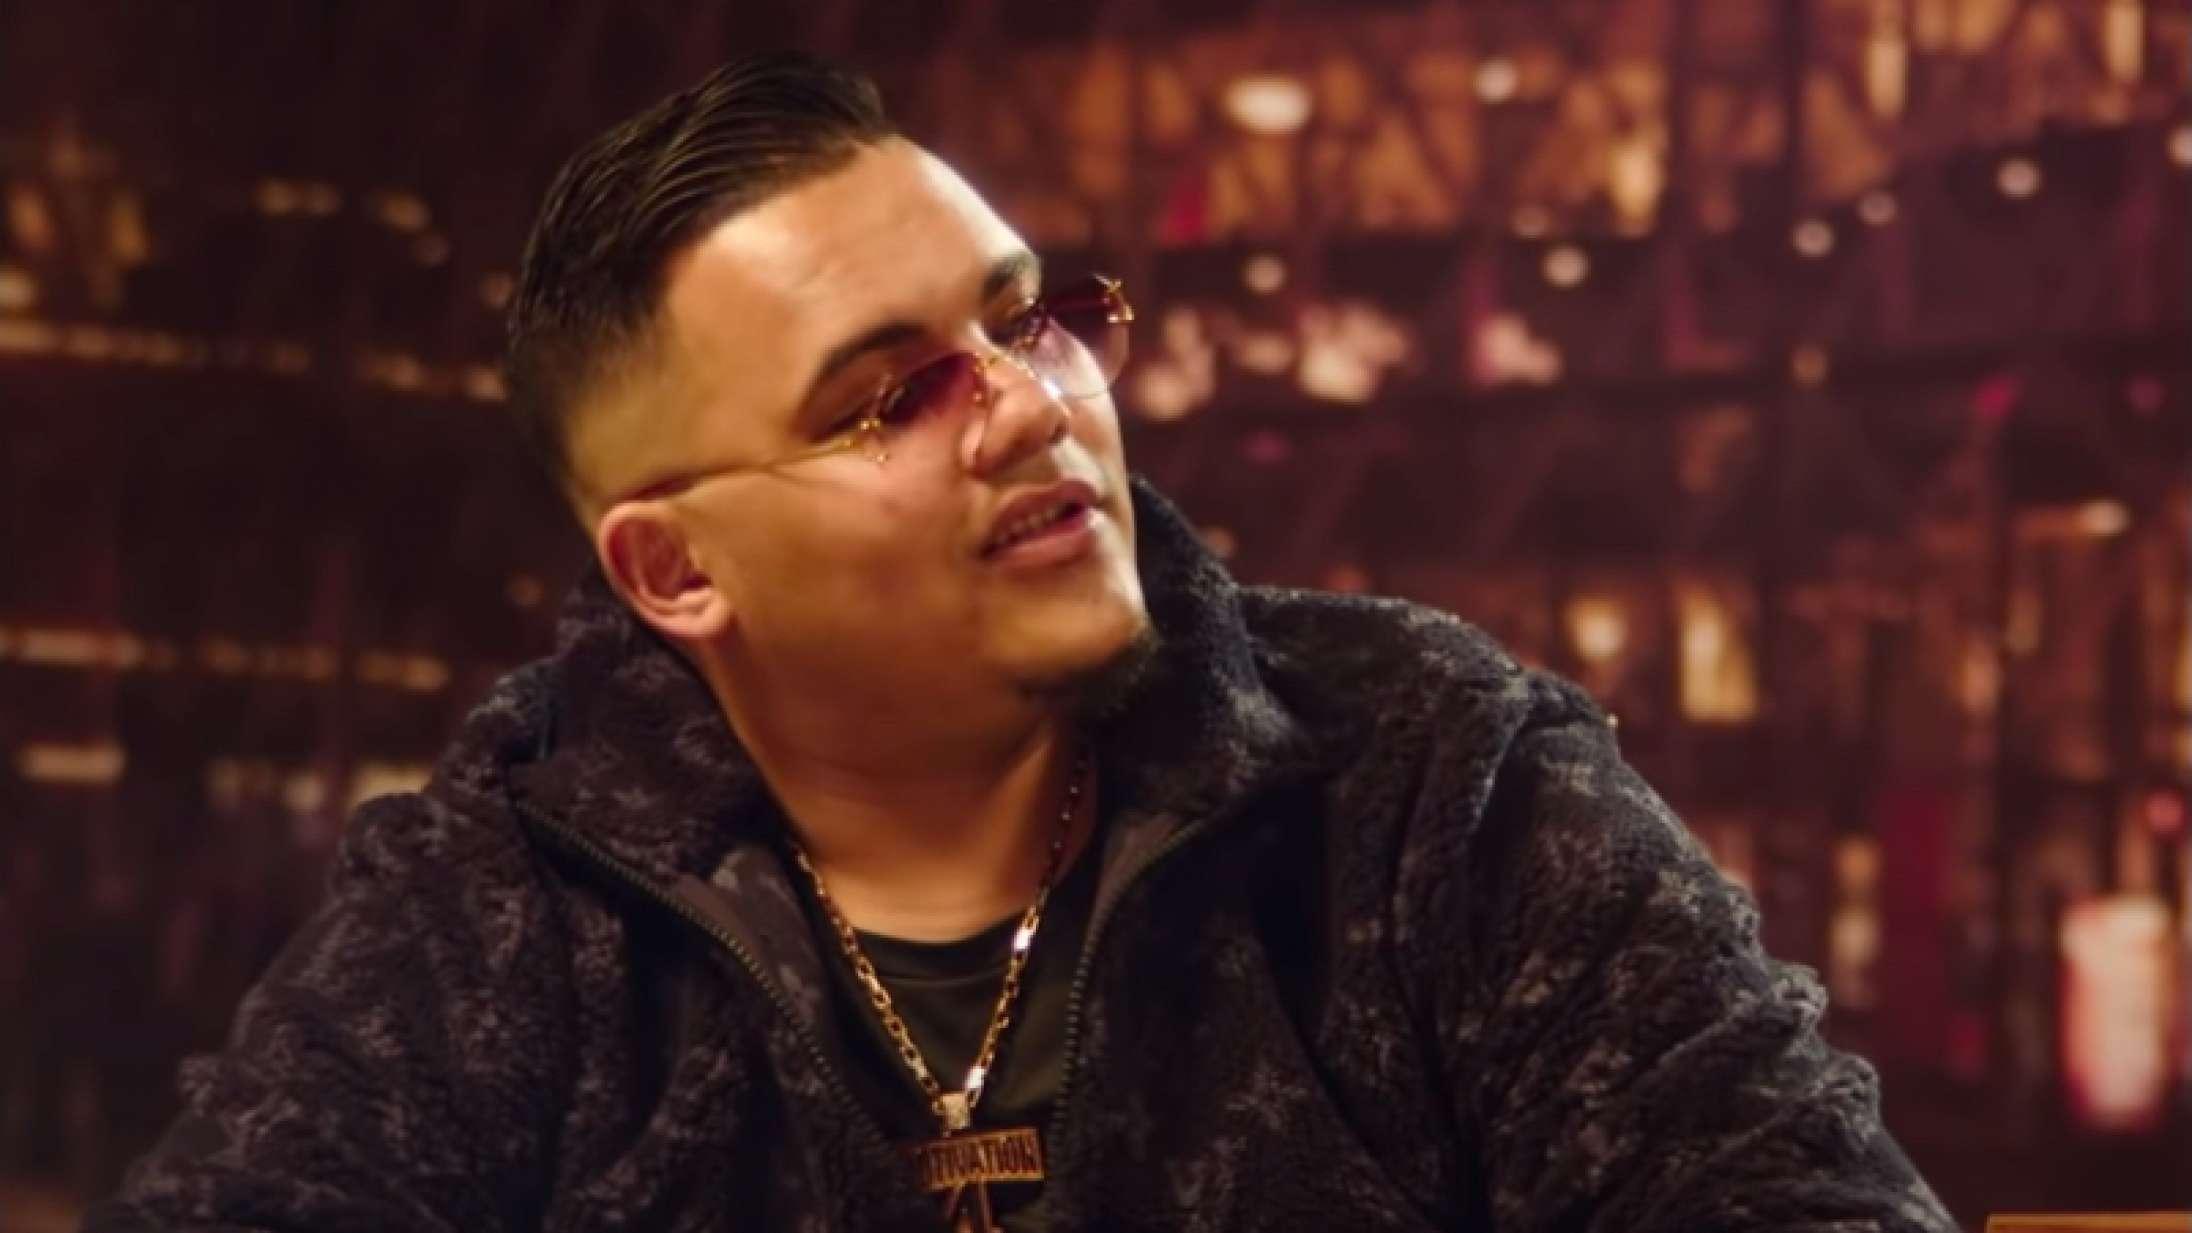 Branco bliver interviewet om sin økonomi af Martin Kongstadi ny musikvideo